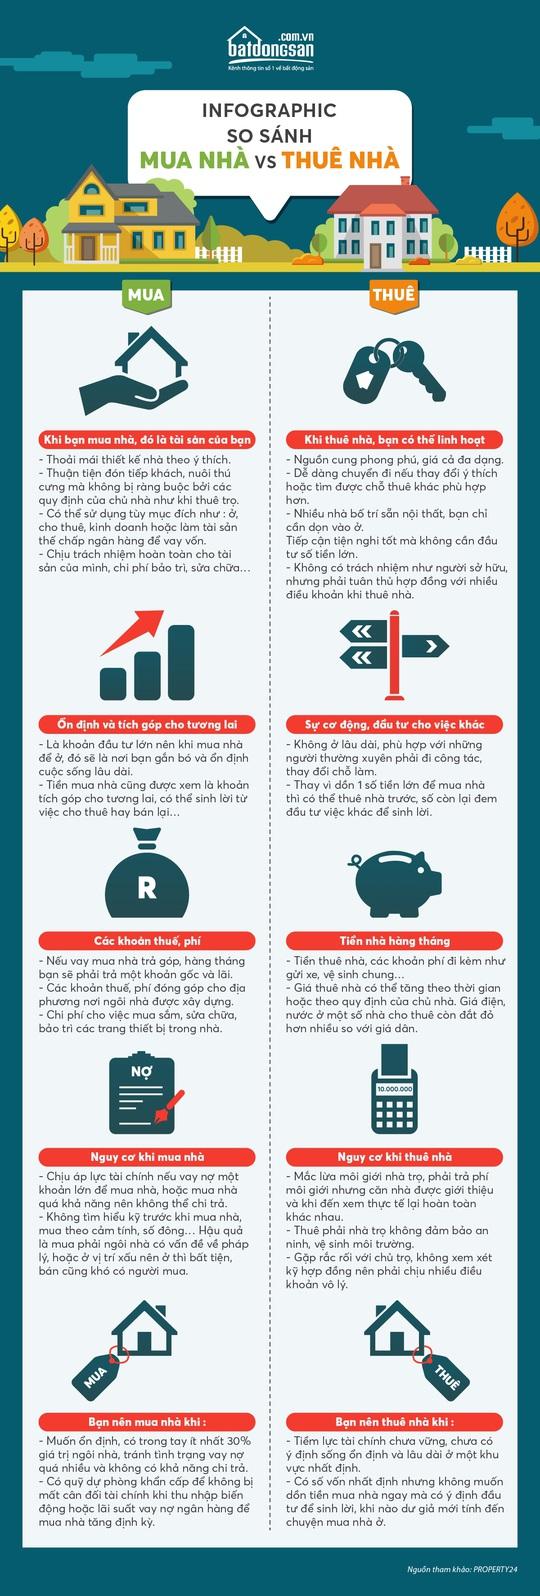 Thuê hay mua nhà, hướng nào lợi hơn? - Ảnh 1.